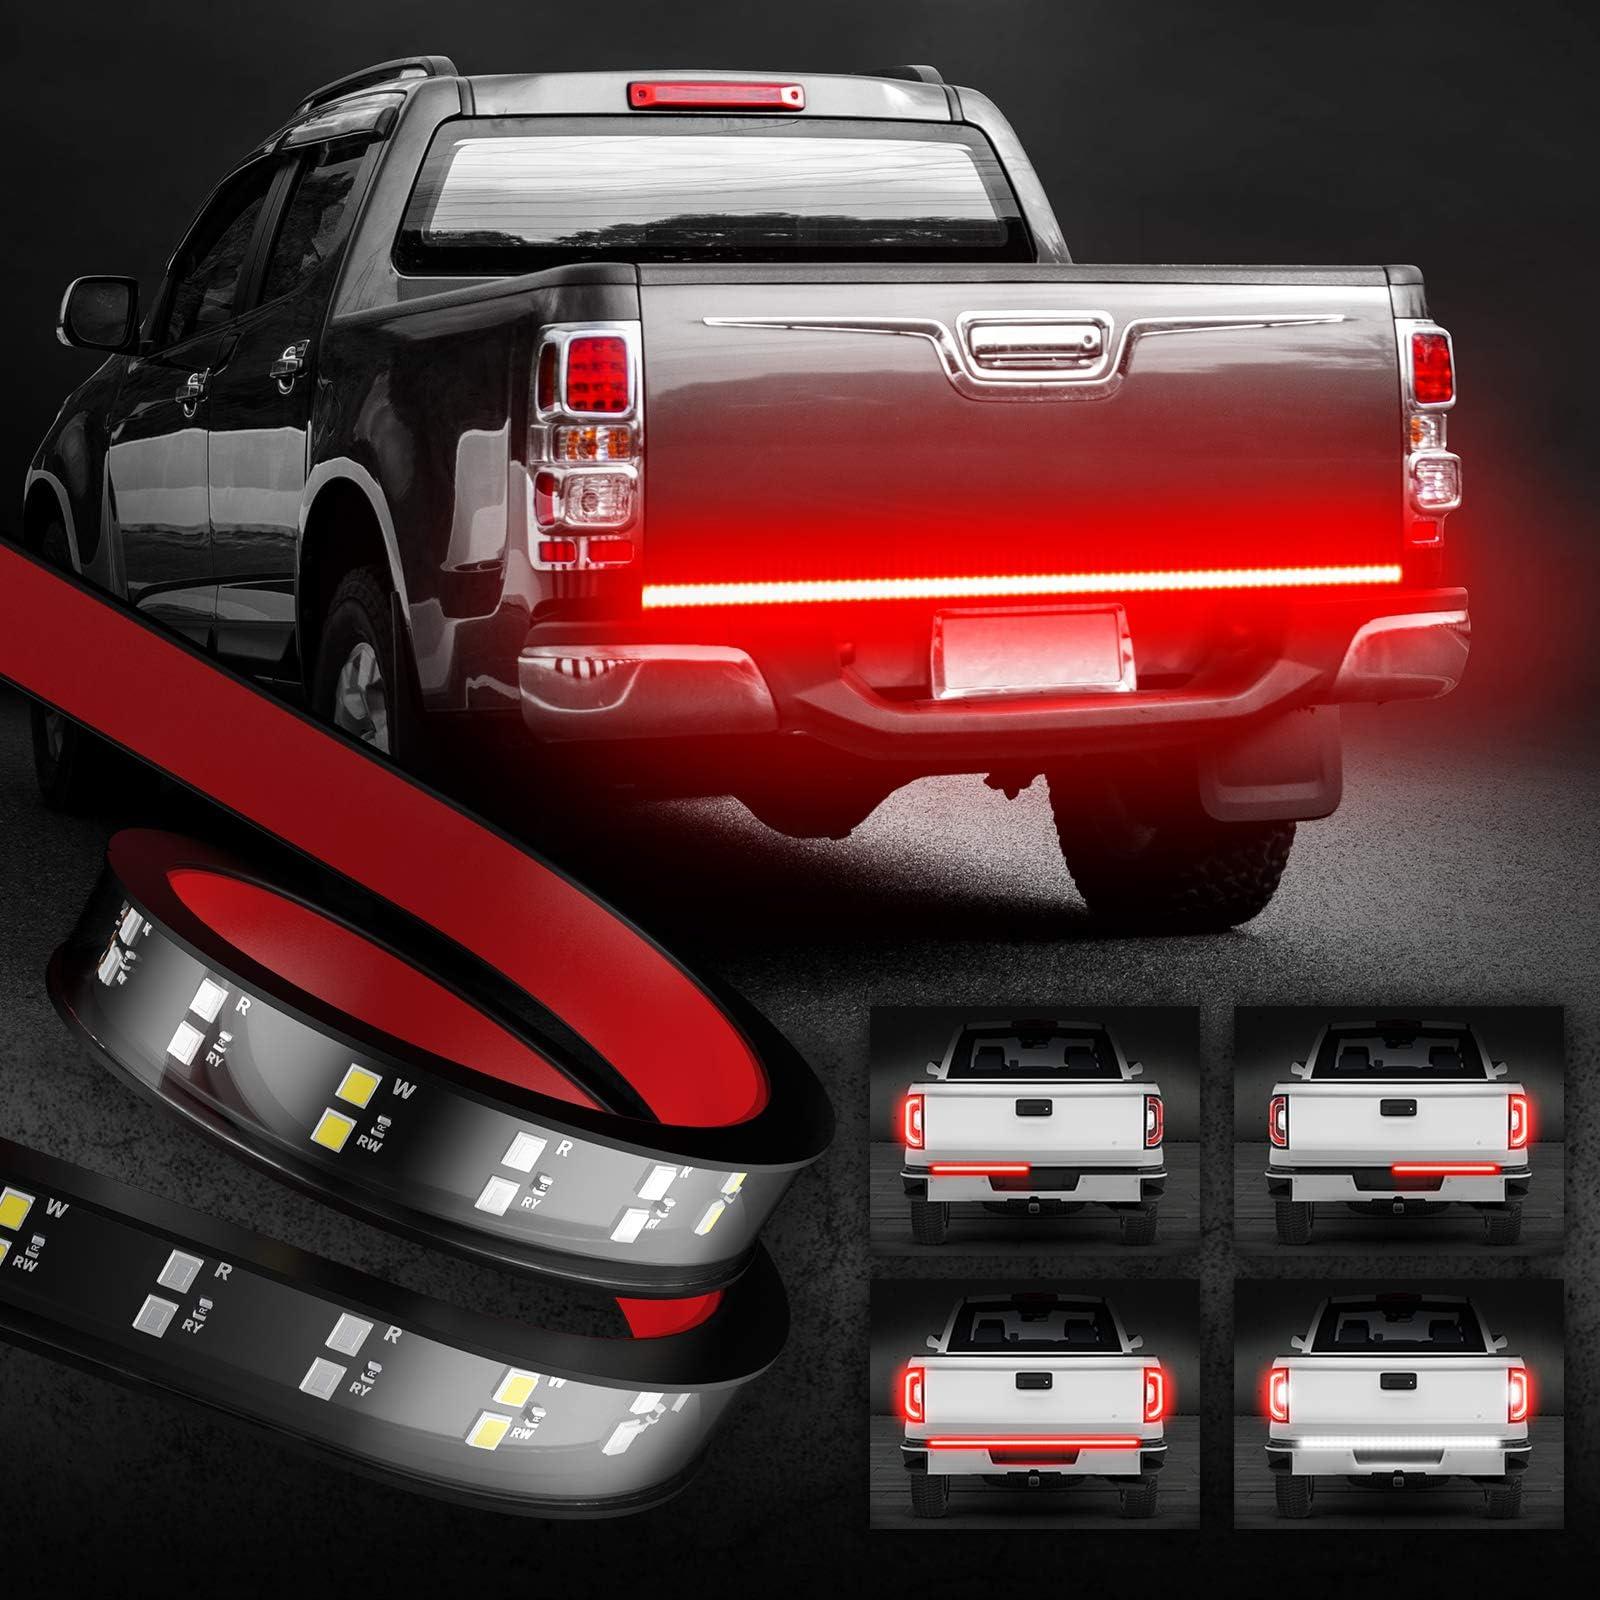 """OPT7 60"""" Tailgate Light Bar Double Row, Redline Choice LED Light, Flexible Strip: Red Solid Light, Brake Light, Turn Signal Light, White Reverse Light. Brake Light Line 2 Row Truck, SUV, RV, Trailer"""